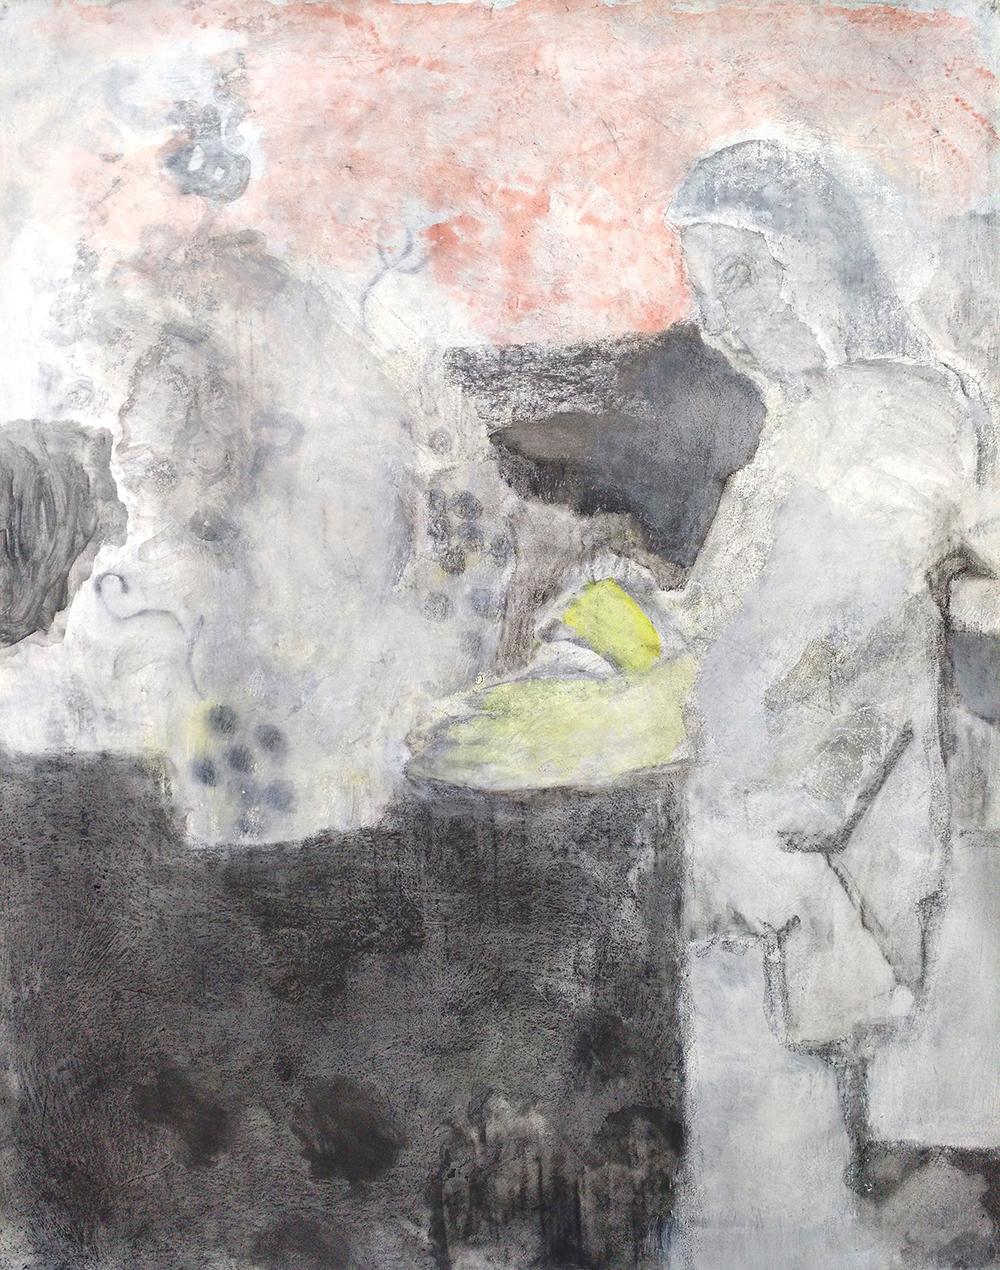 """Laurence Pilon,  Les belles surprises , 2019, Watercolour and graphite on prepared paper, 27.5"""" x 22.5"""" (70 x 57 cm)"""